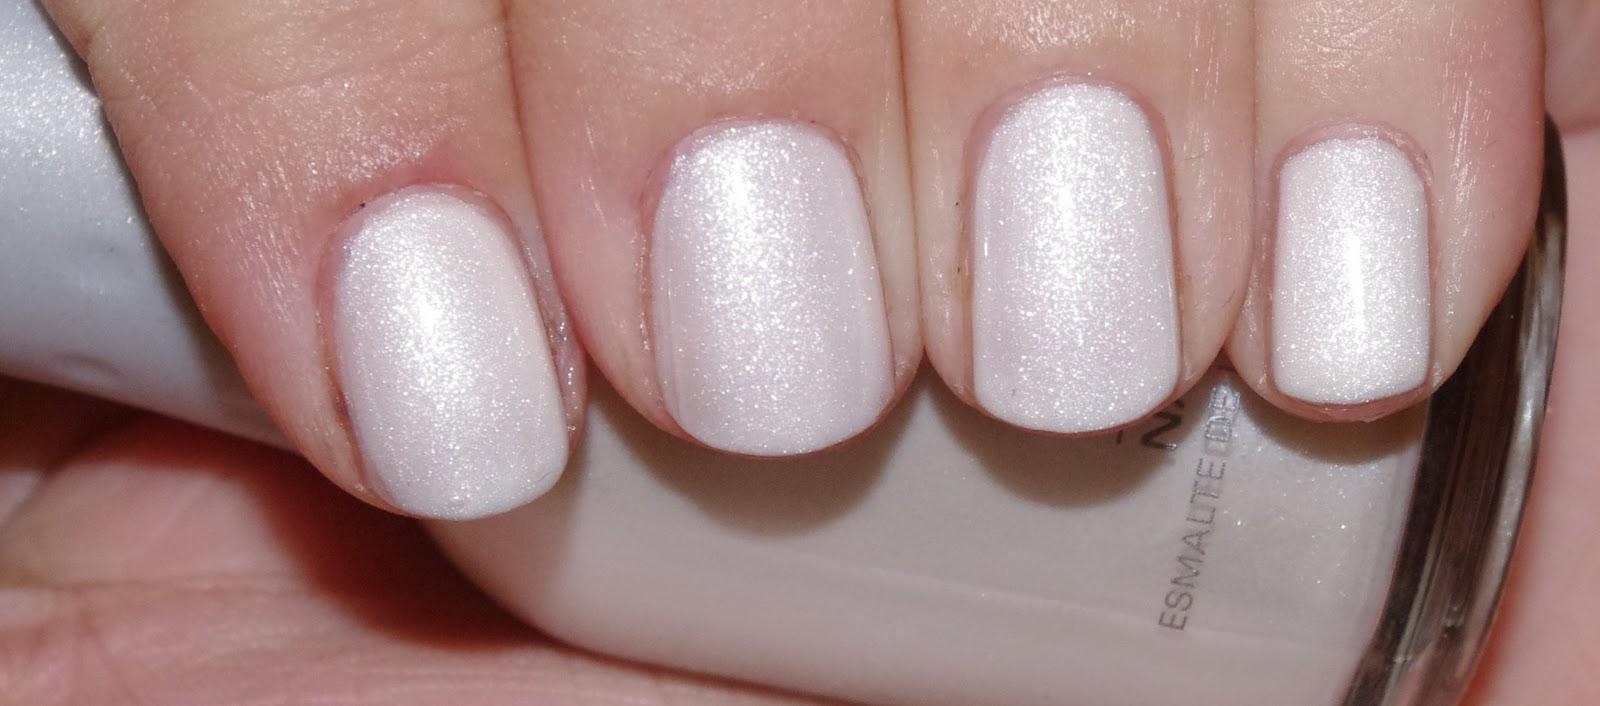 def0180b3f vernis blanc nacré irisé . 2 couches et une de top coat . White shiny polish  . 2 coats and one of top coat .